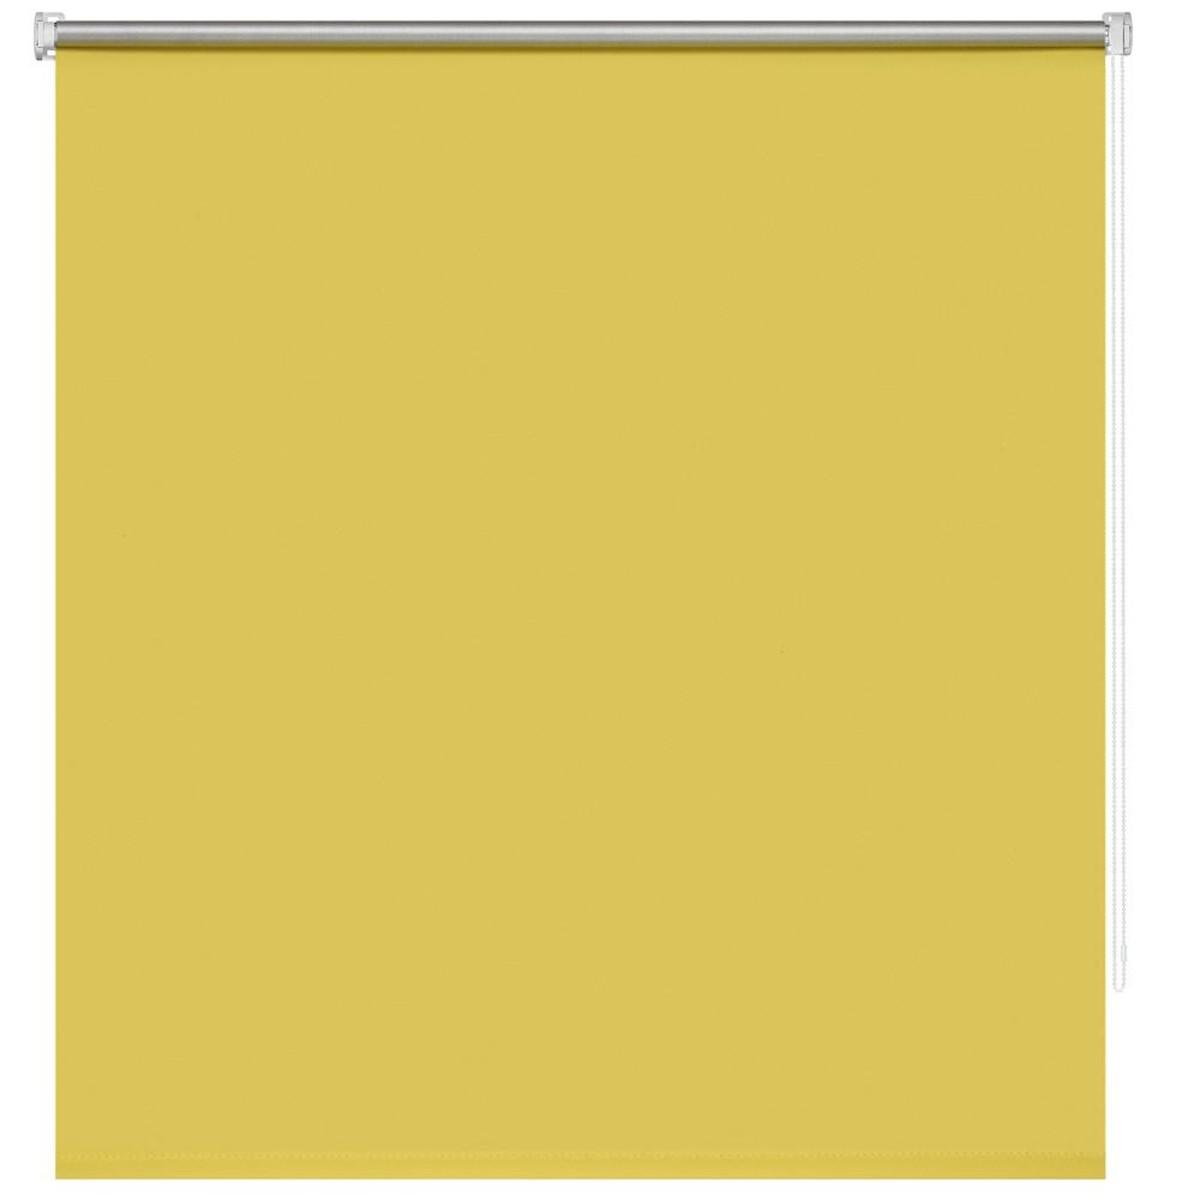 Рулонная Ора Decofest Блэкаут Плайн 60Х160 Цвет Желтый